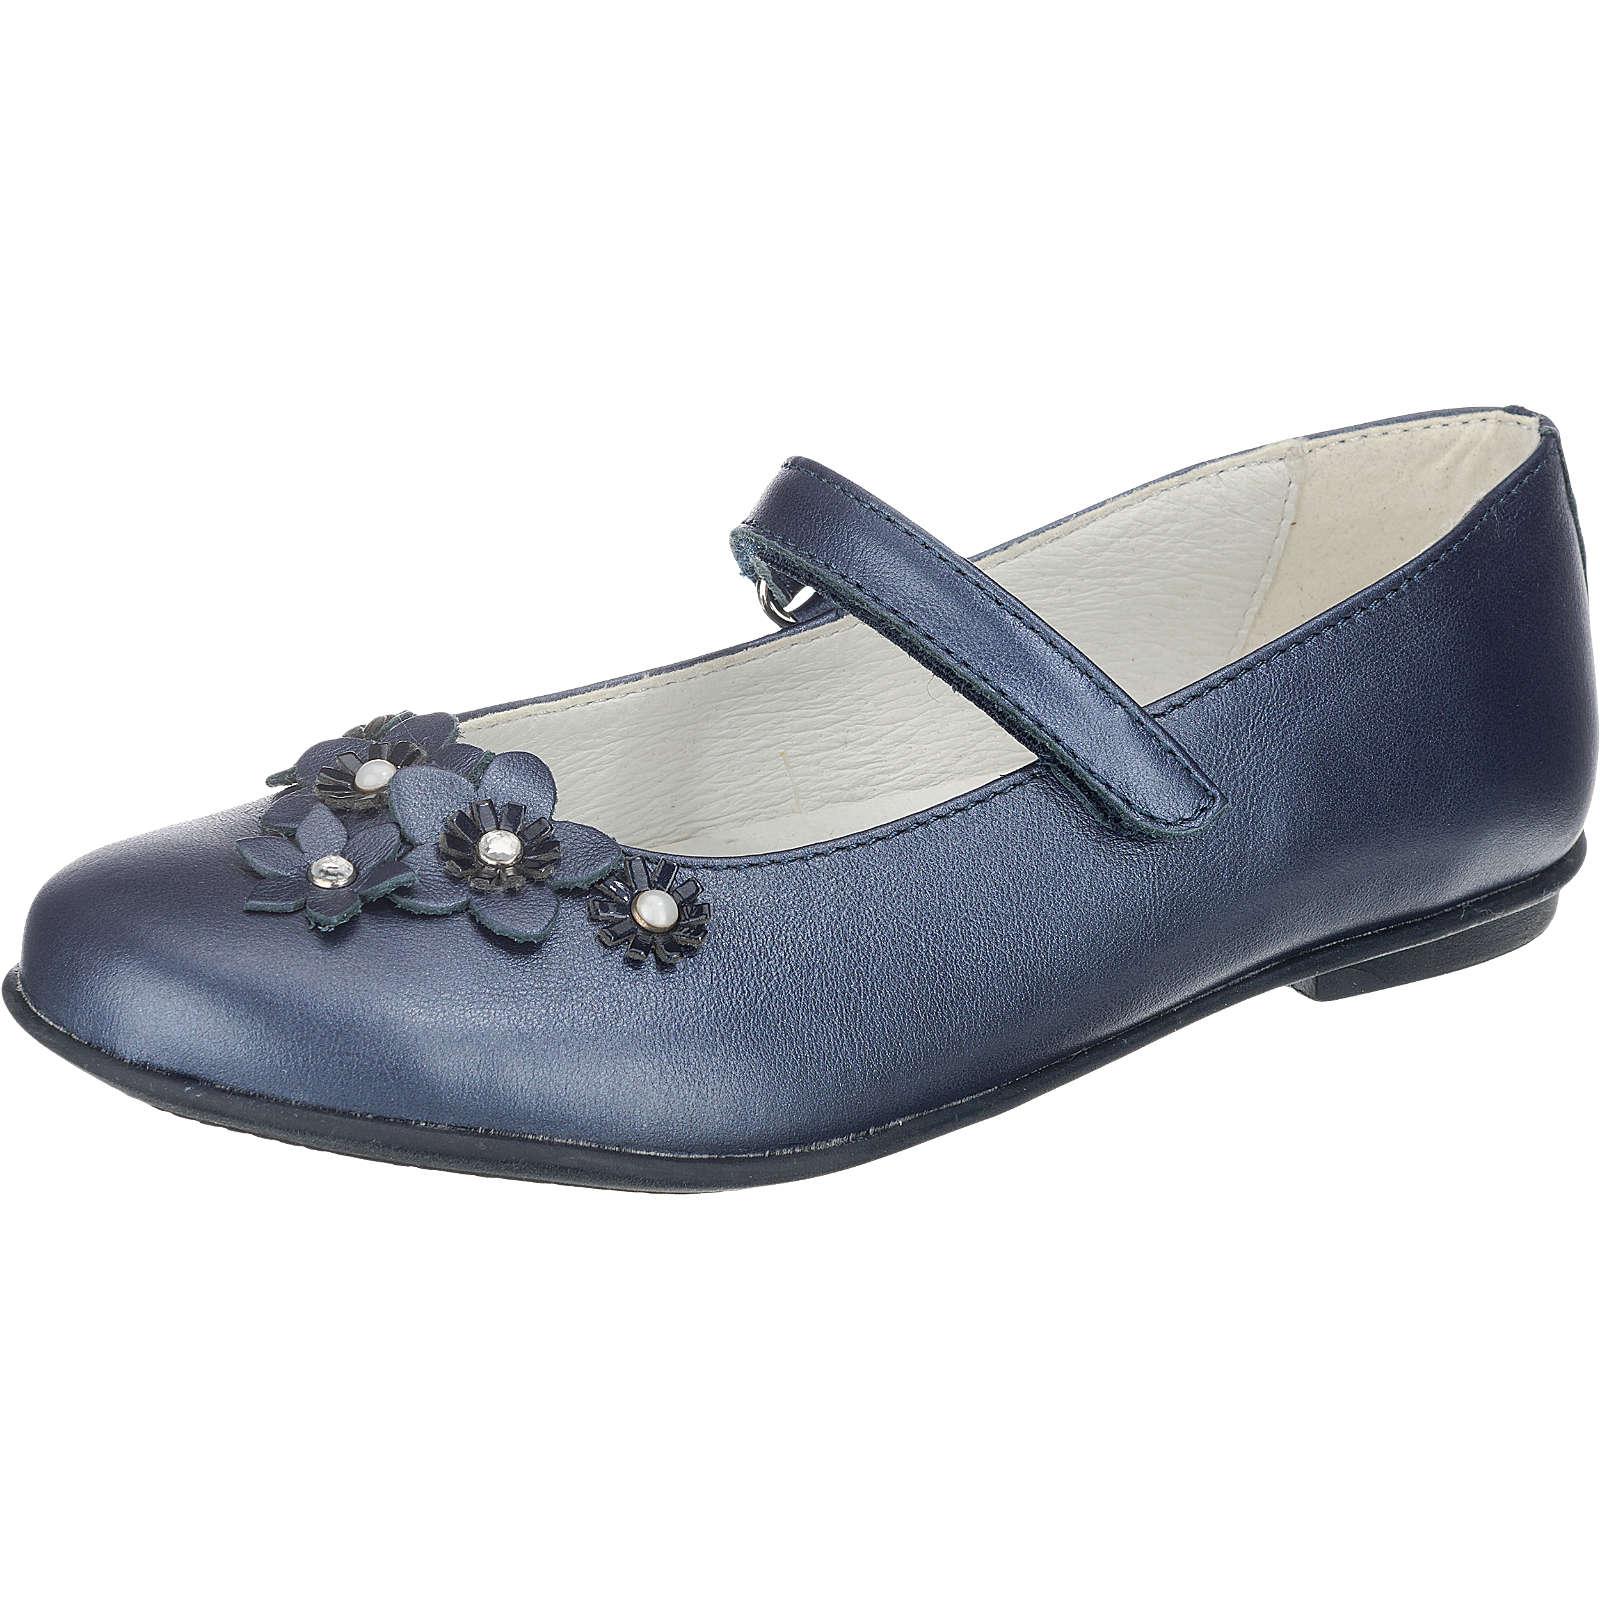 PRIMIGI Kinder Ballerinas dunkelblau Mädchen Gr. 36